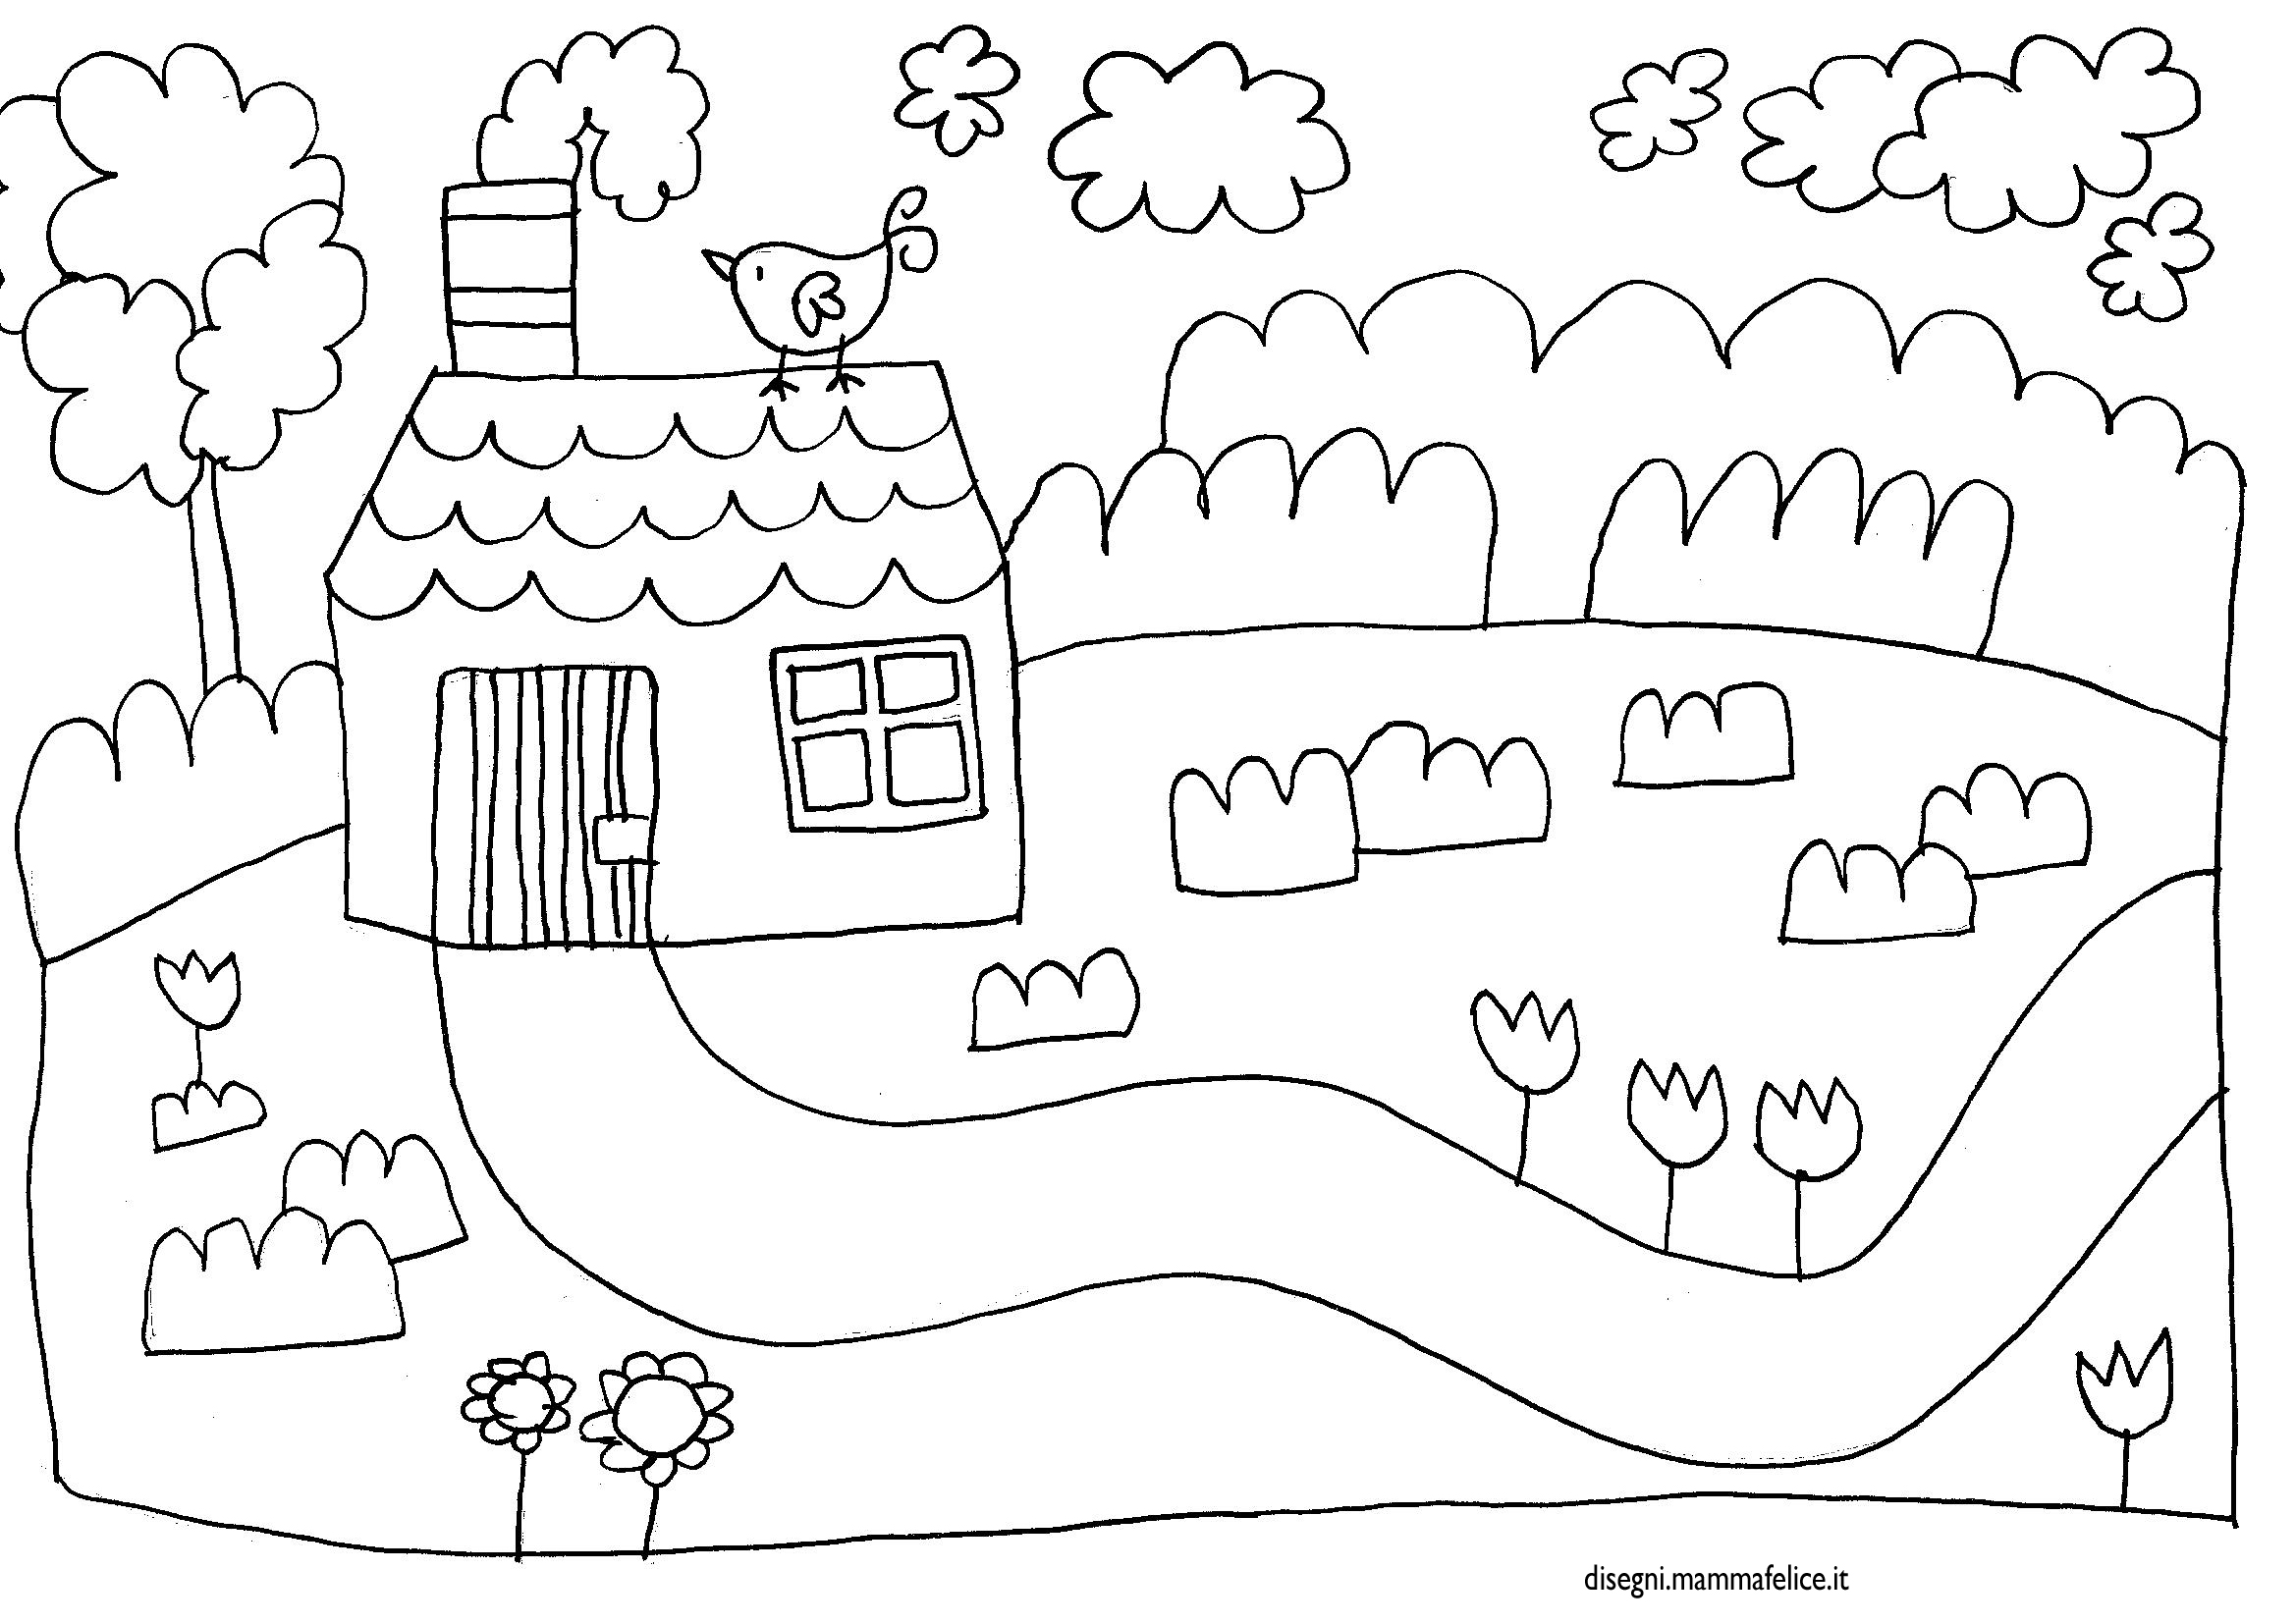 Disegno da colorare casetta disegni mammafelice for Disegni di mare da colorare